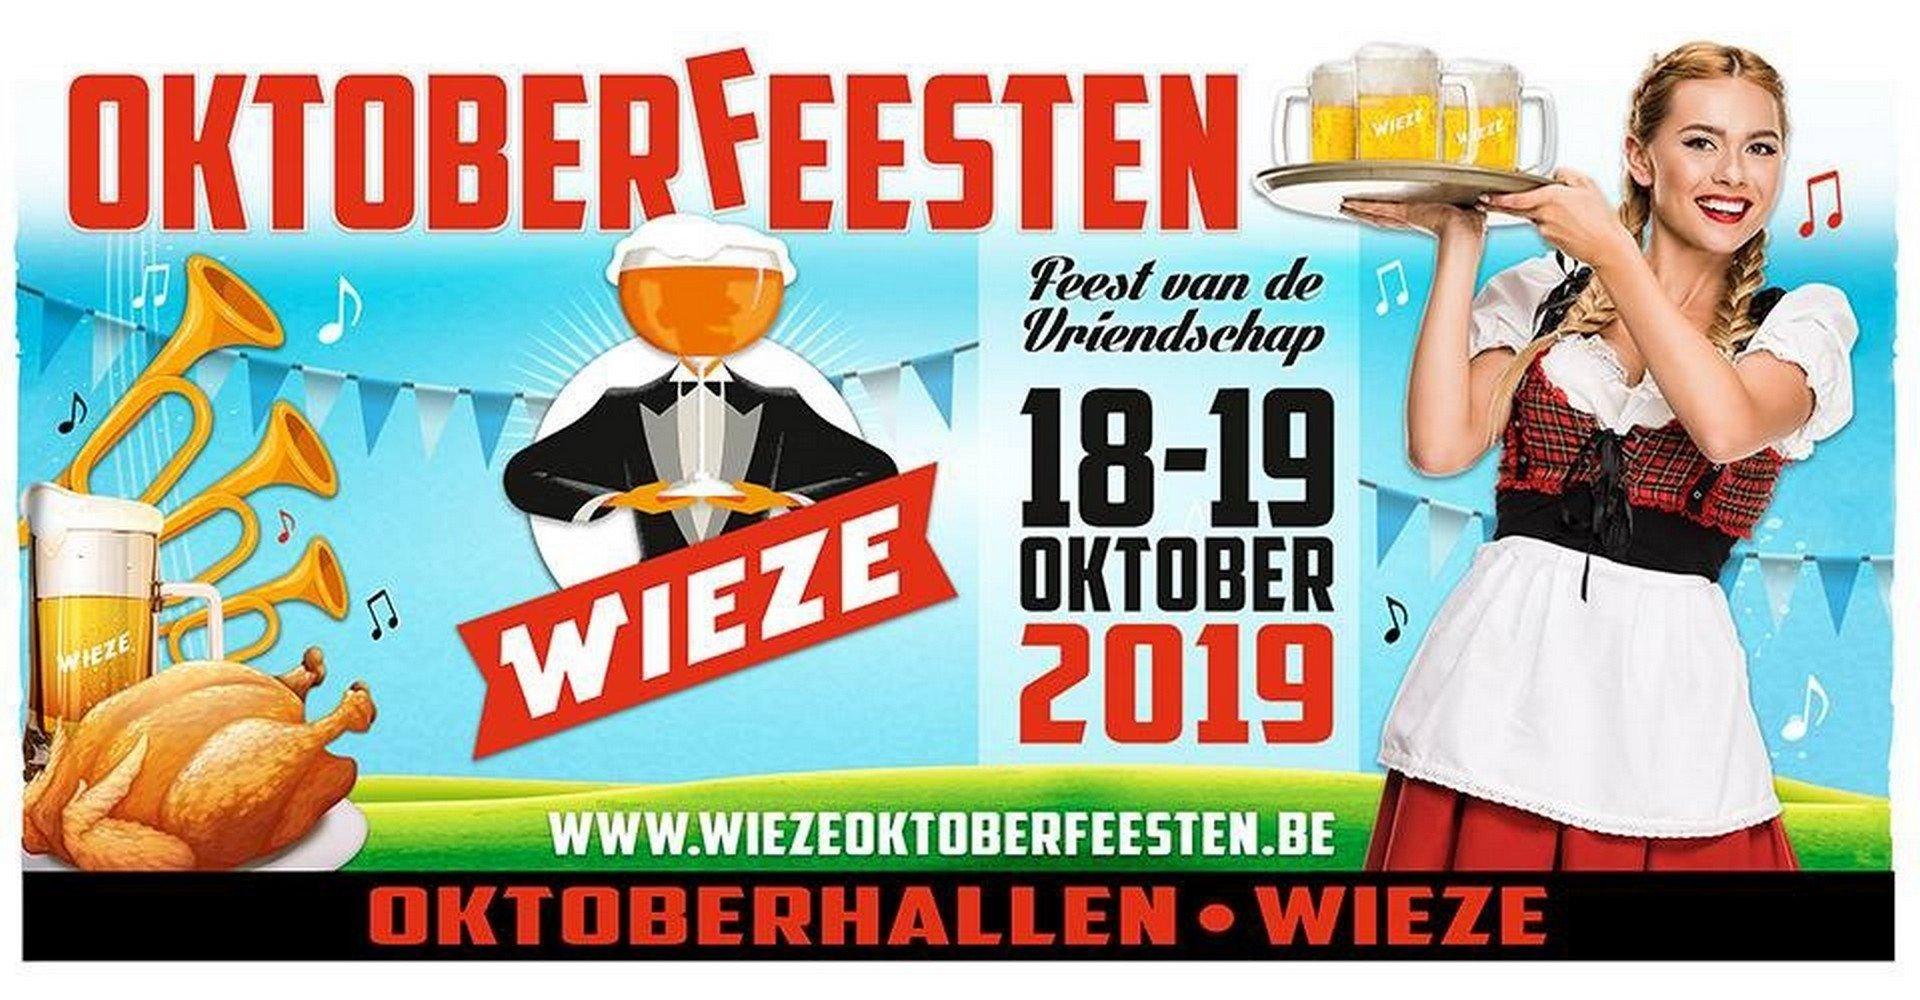 Wieze Oktoberfeesten keren na terug op 18 en 19 oktober 2019 - Wieze oktoberfeesten 1